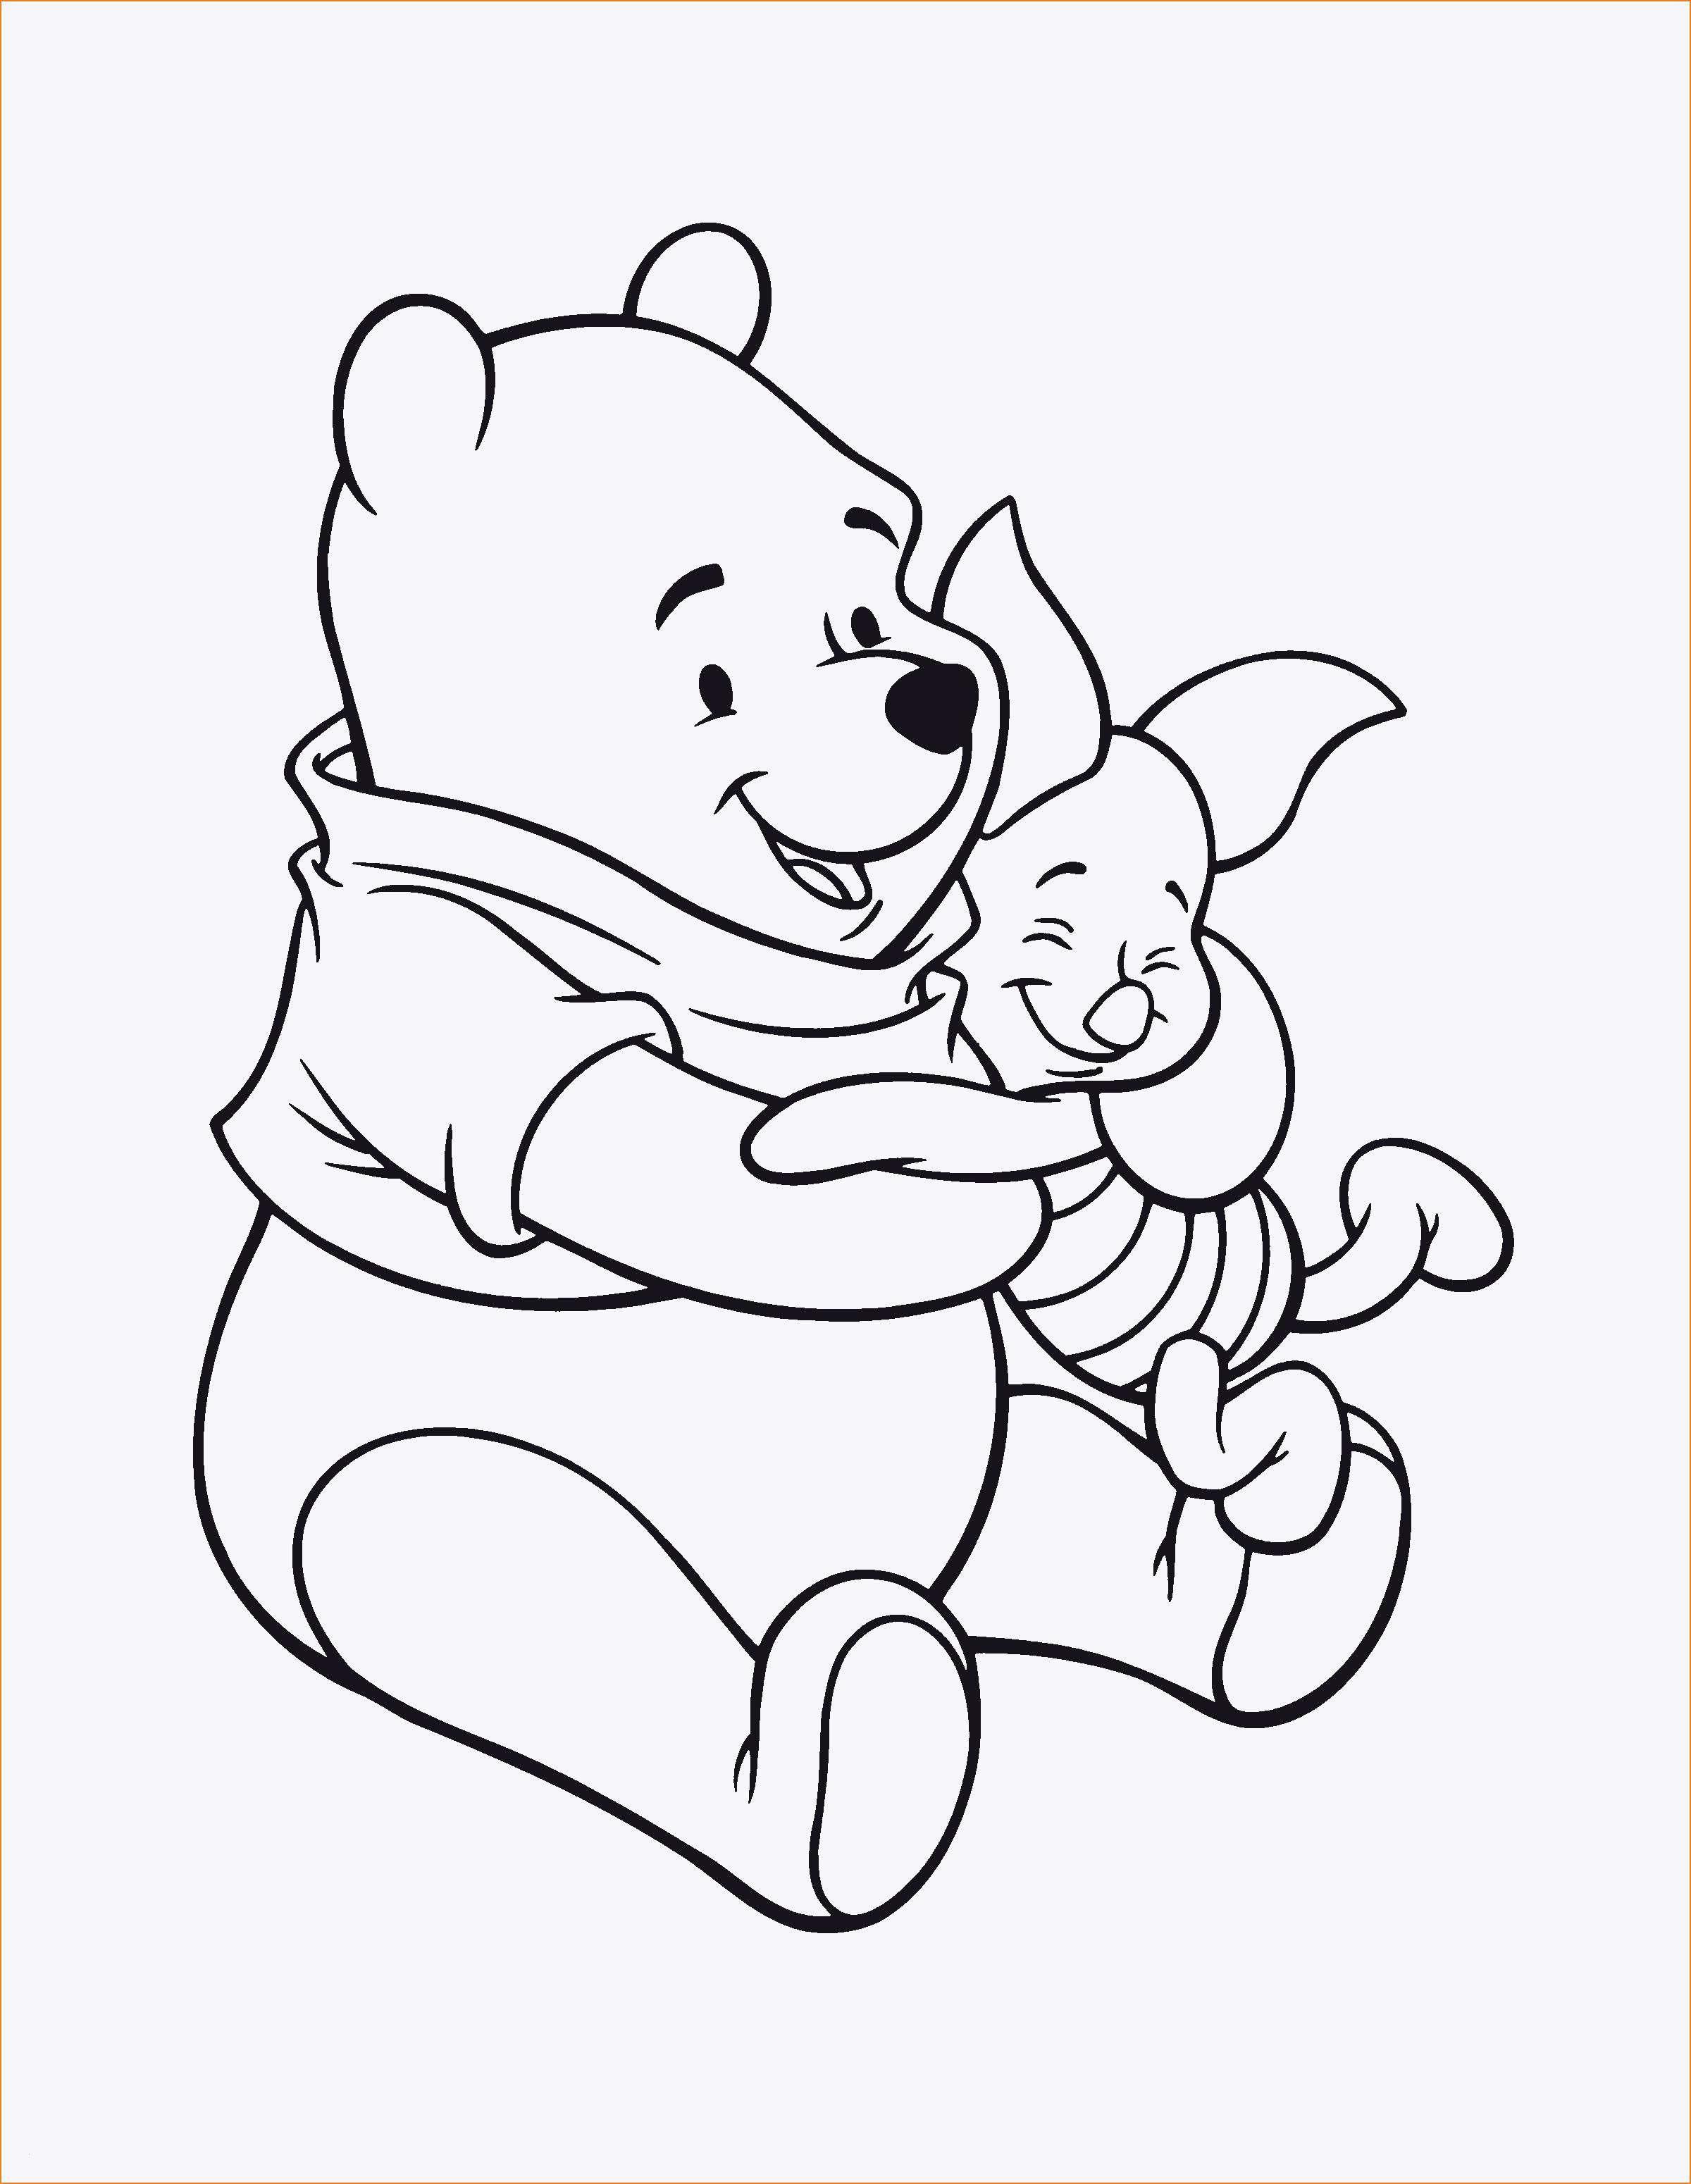 Ausmalbilder Winnie Pooh Und Seine Freunde Malvorlagen Neu 47 Best Malvorlagen Winnie Pooh Beste Malvorlage Galerie